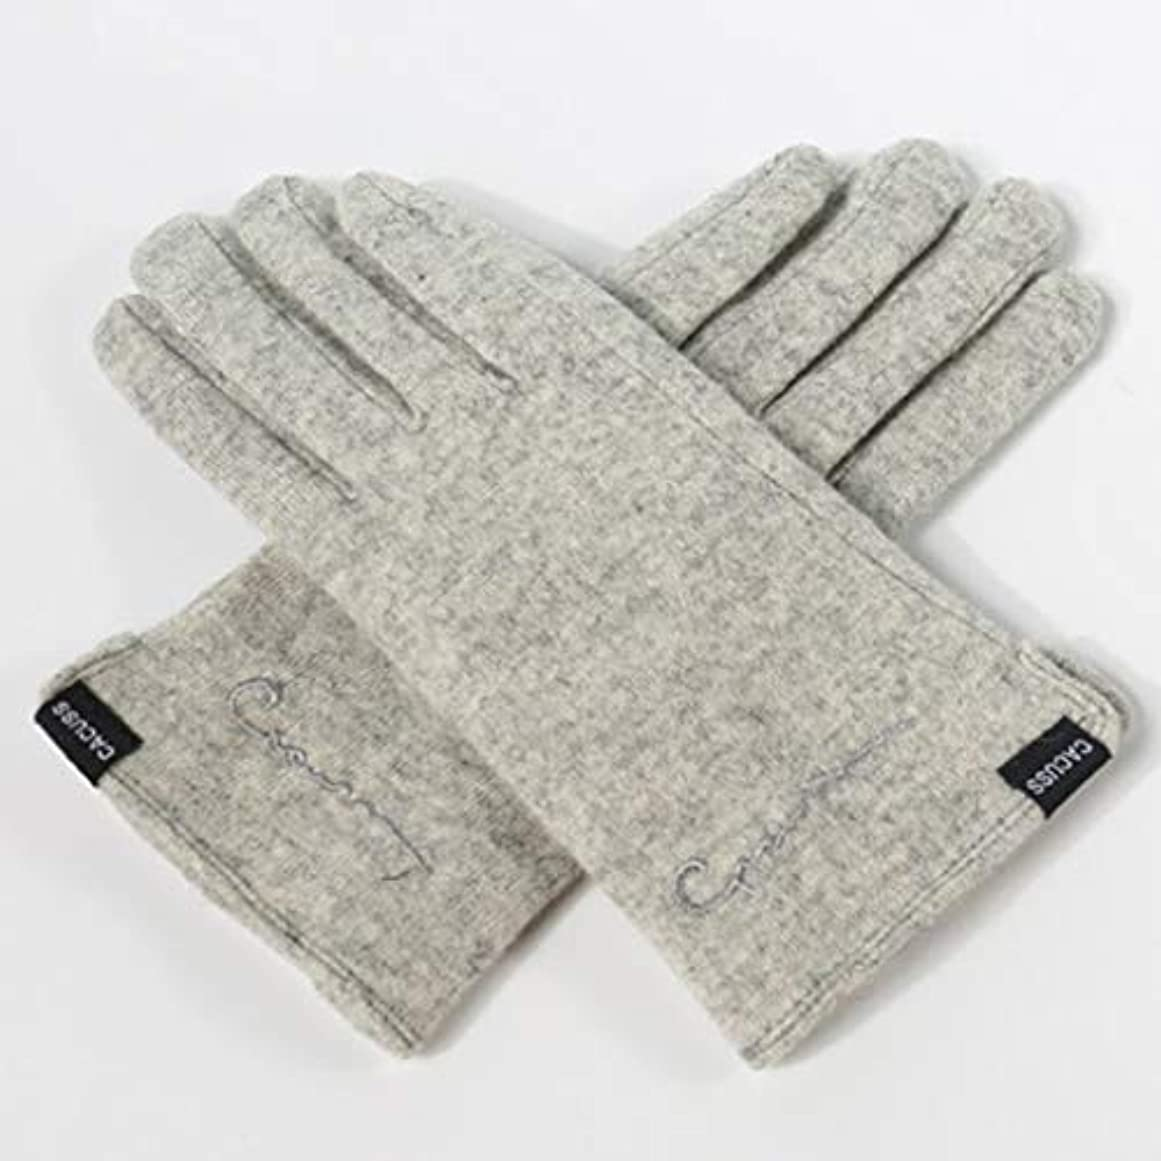 背が高い聖なる苦しめる手袋女性の冬のタッチスクリーンのファッション暖かく快適なポイントは、乗馬を厚くする (色 : Gray)